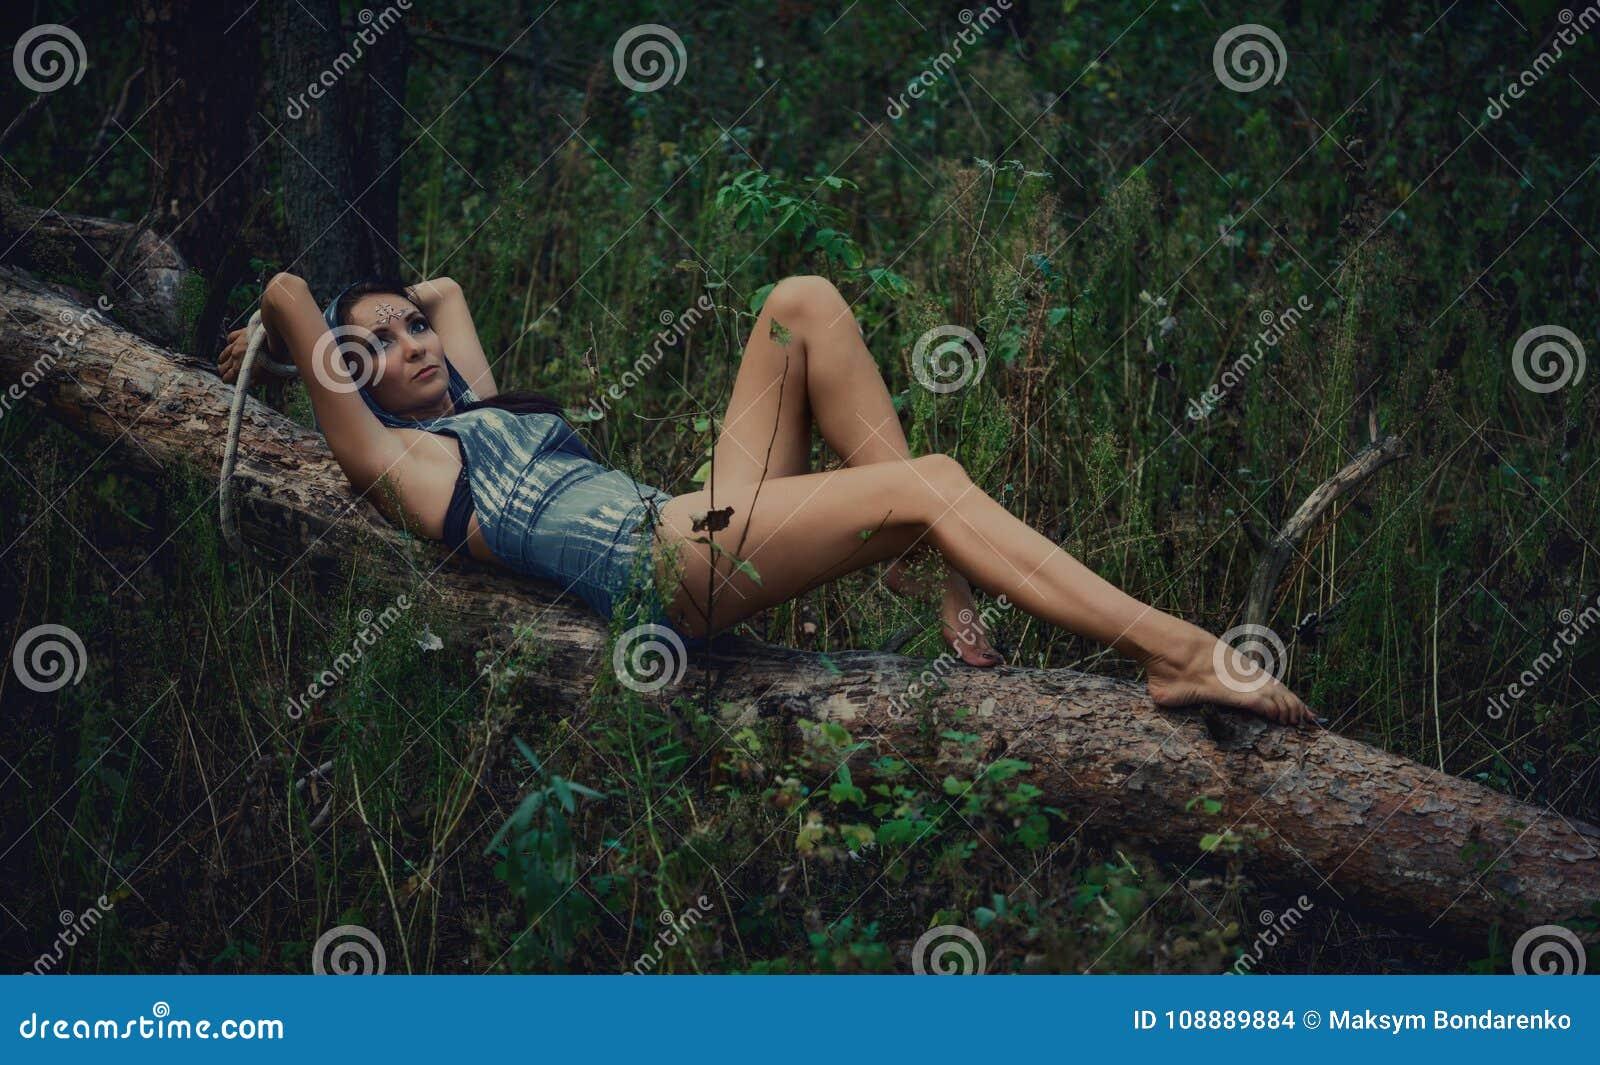 Привязали голой в лесу это